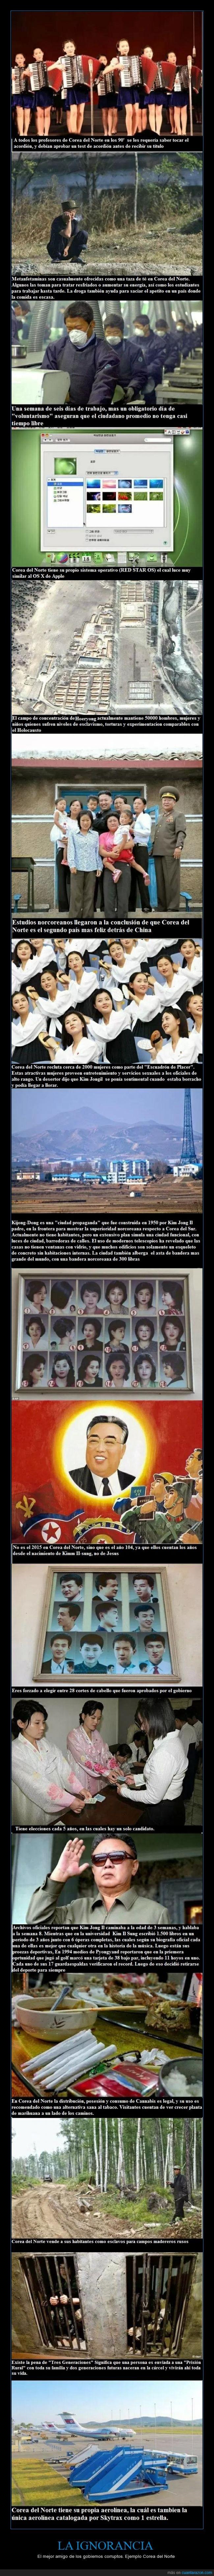 corea,corruptos,dictadura,familias,gobiernos,ignorancia,korea del norte,mentiras